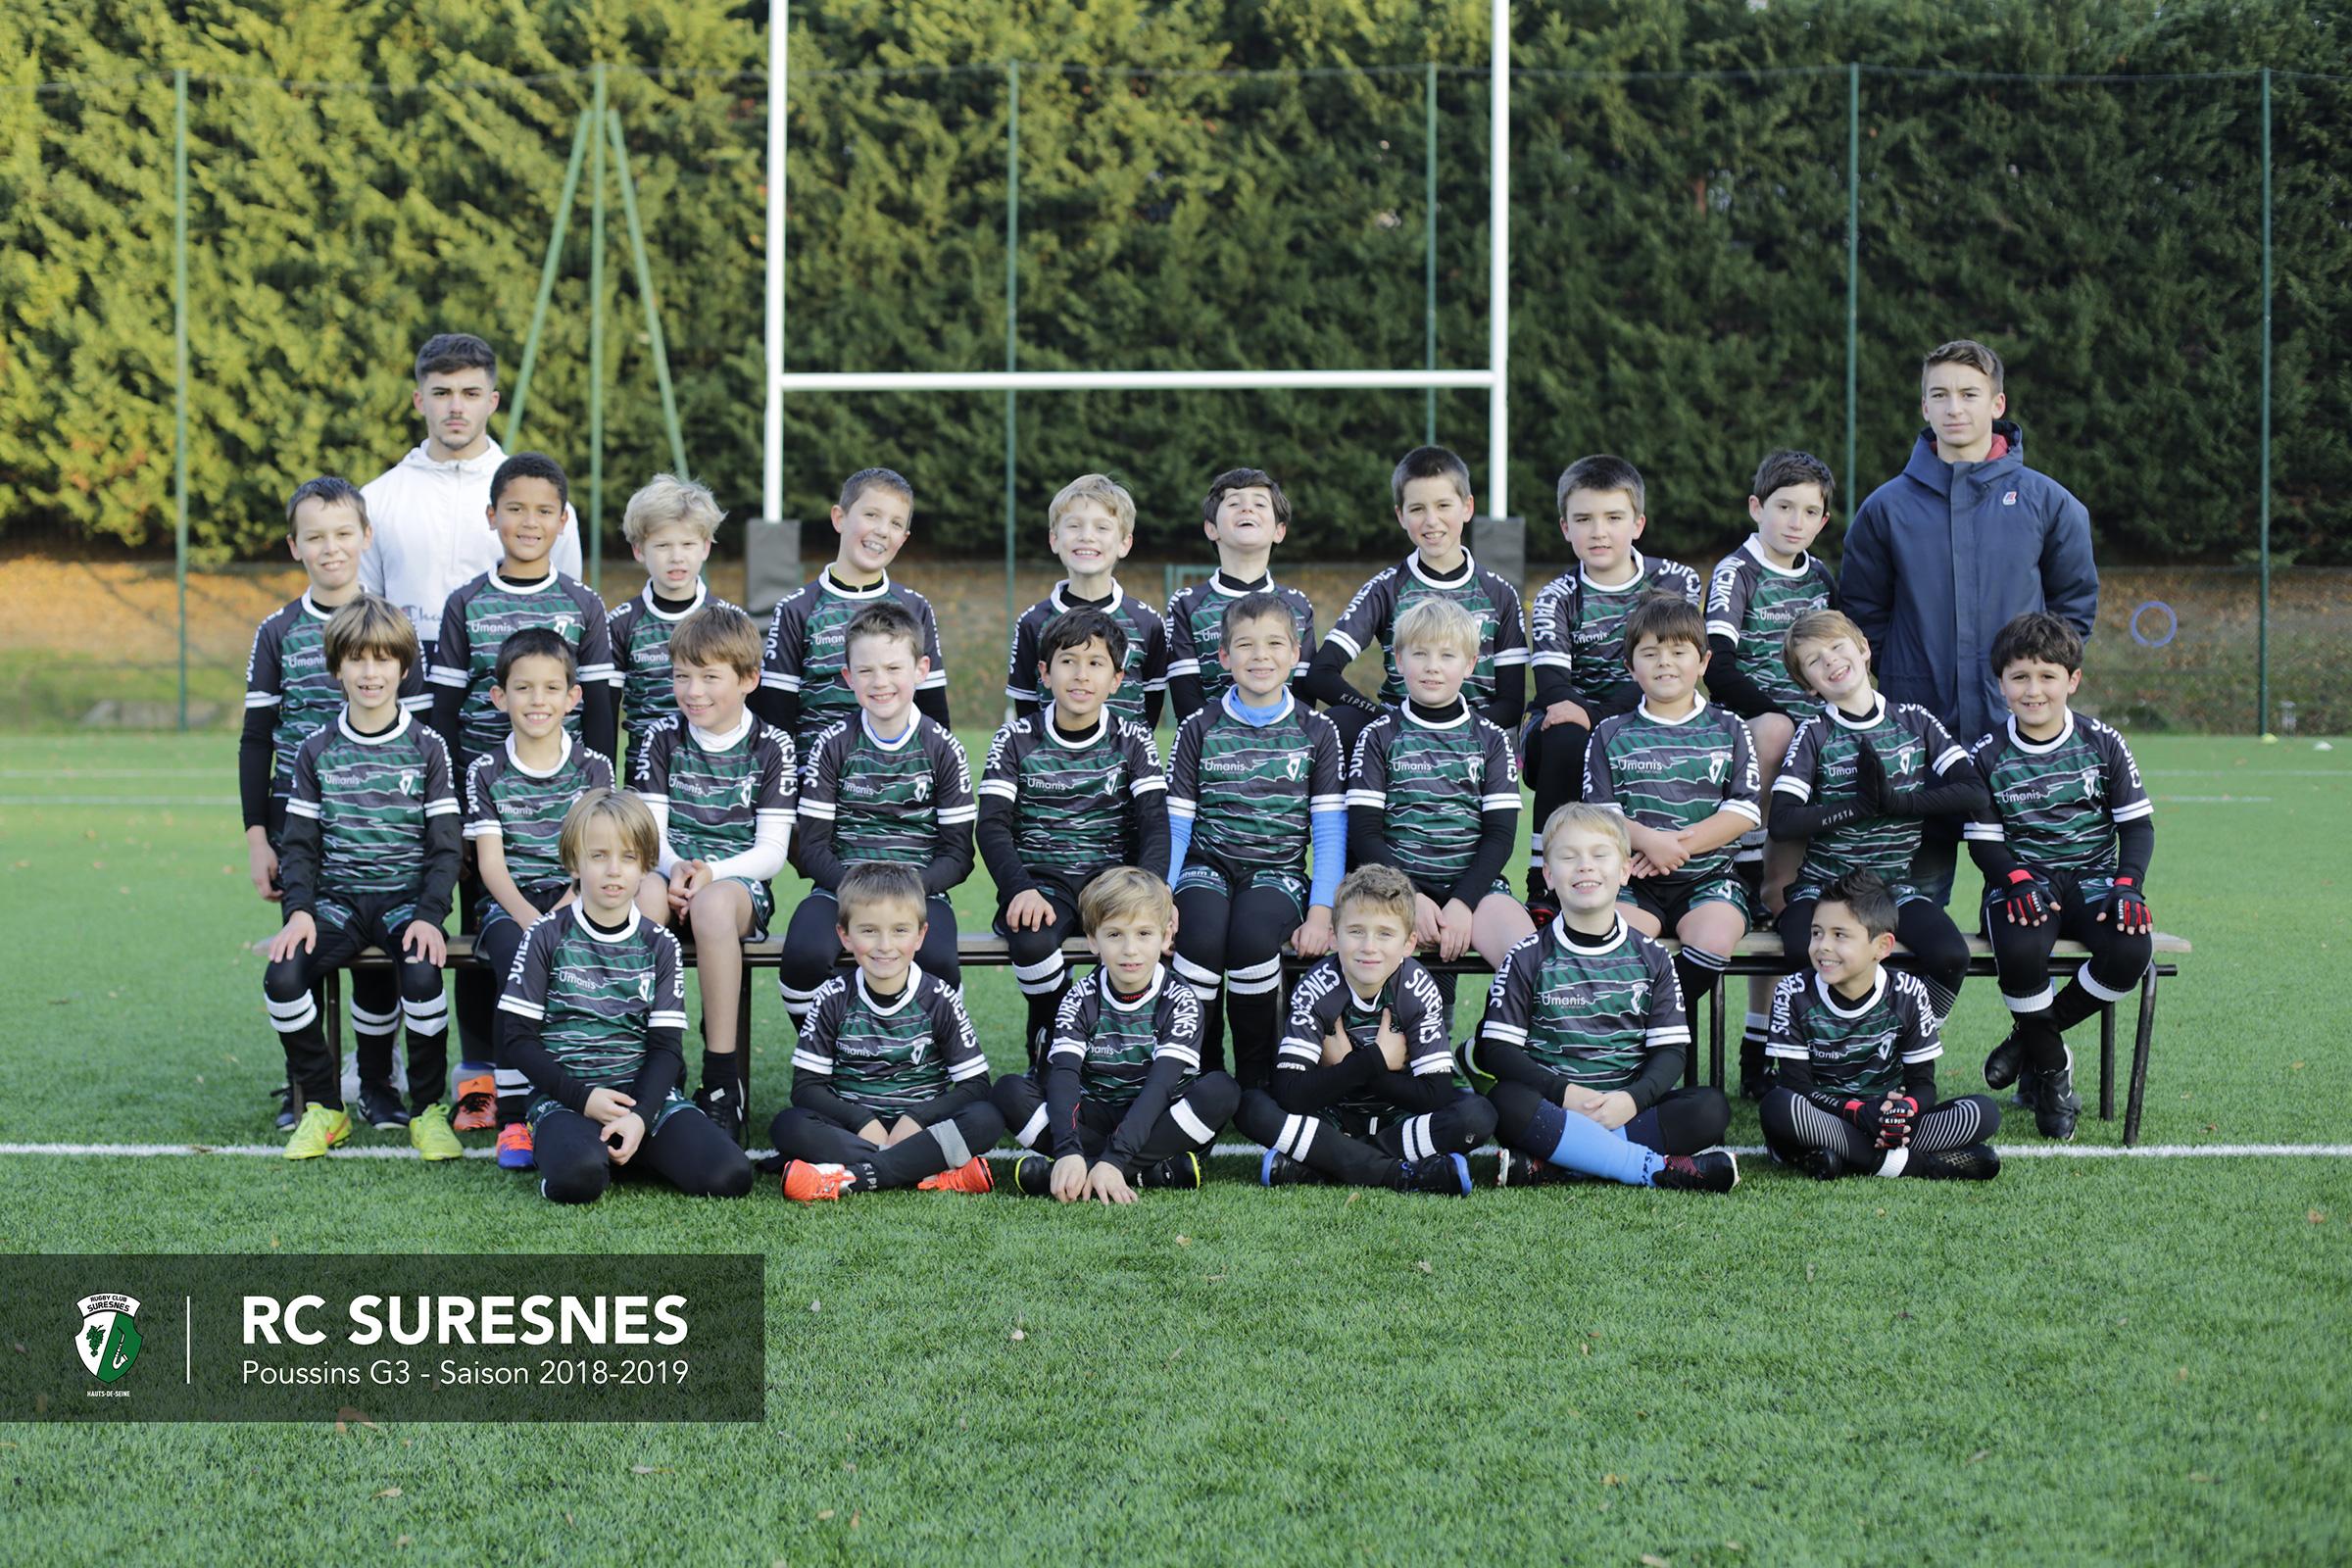 Groupe 3 - Poussins (M10) du RC Suresnes - Saison 2018/2019